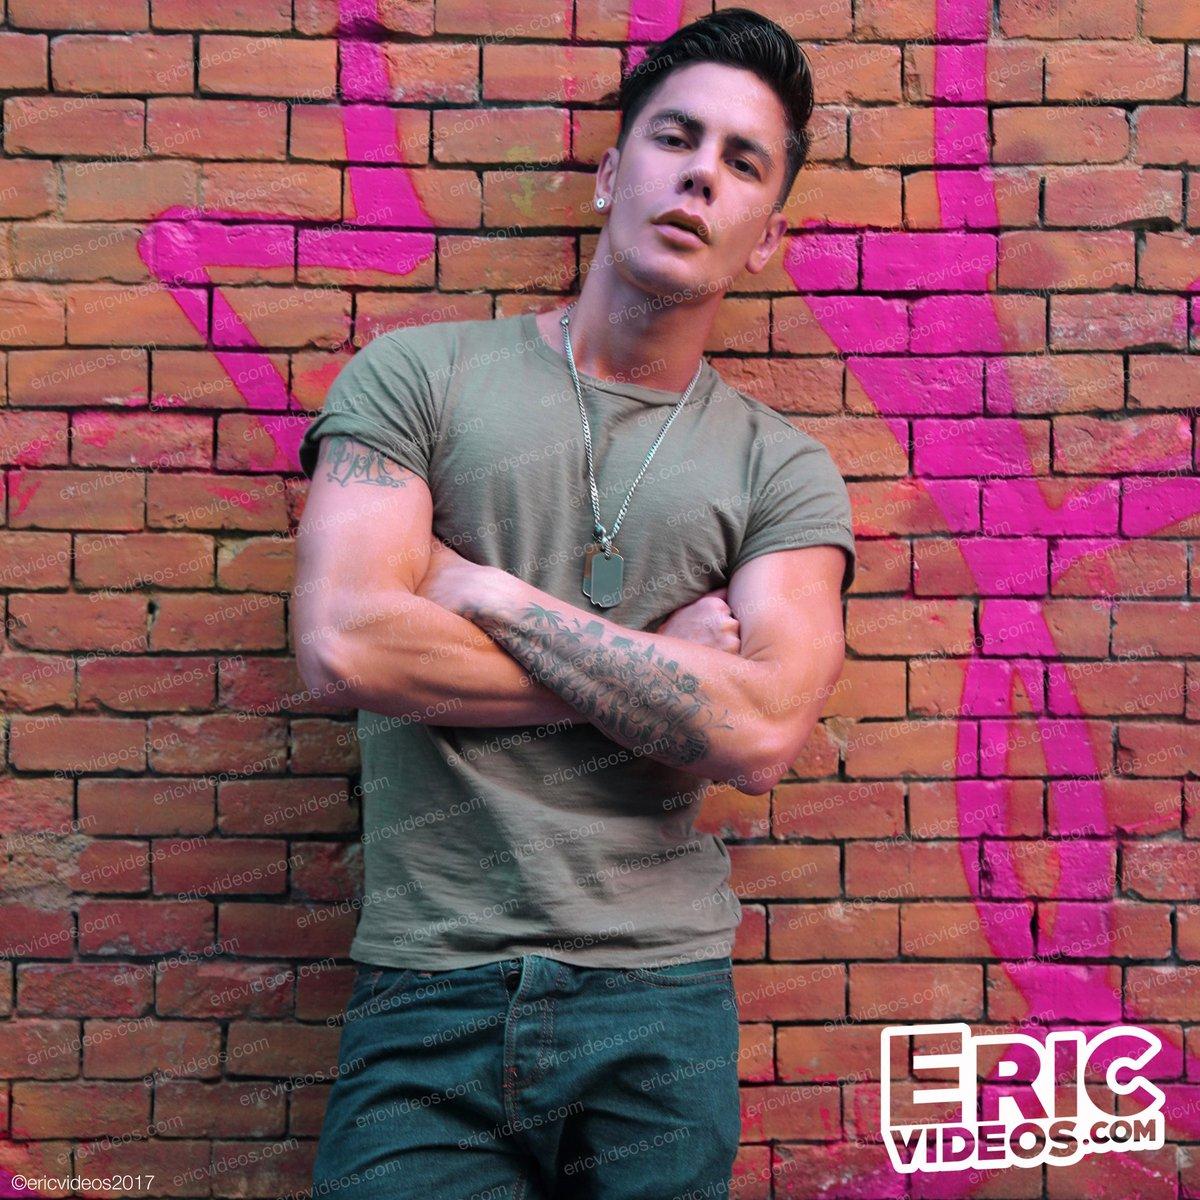 Eric videos